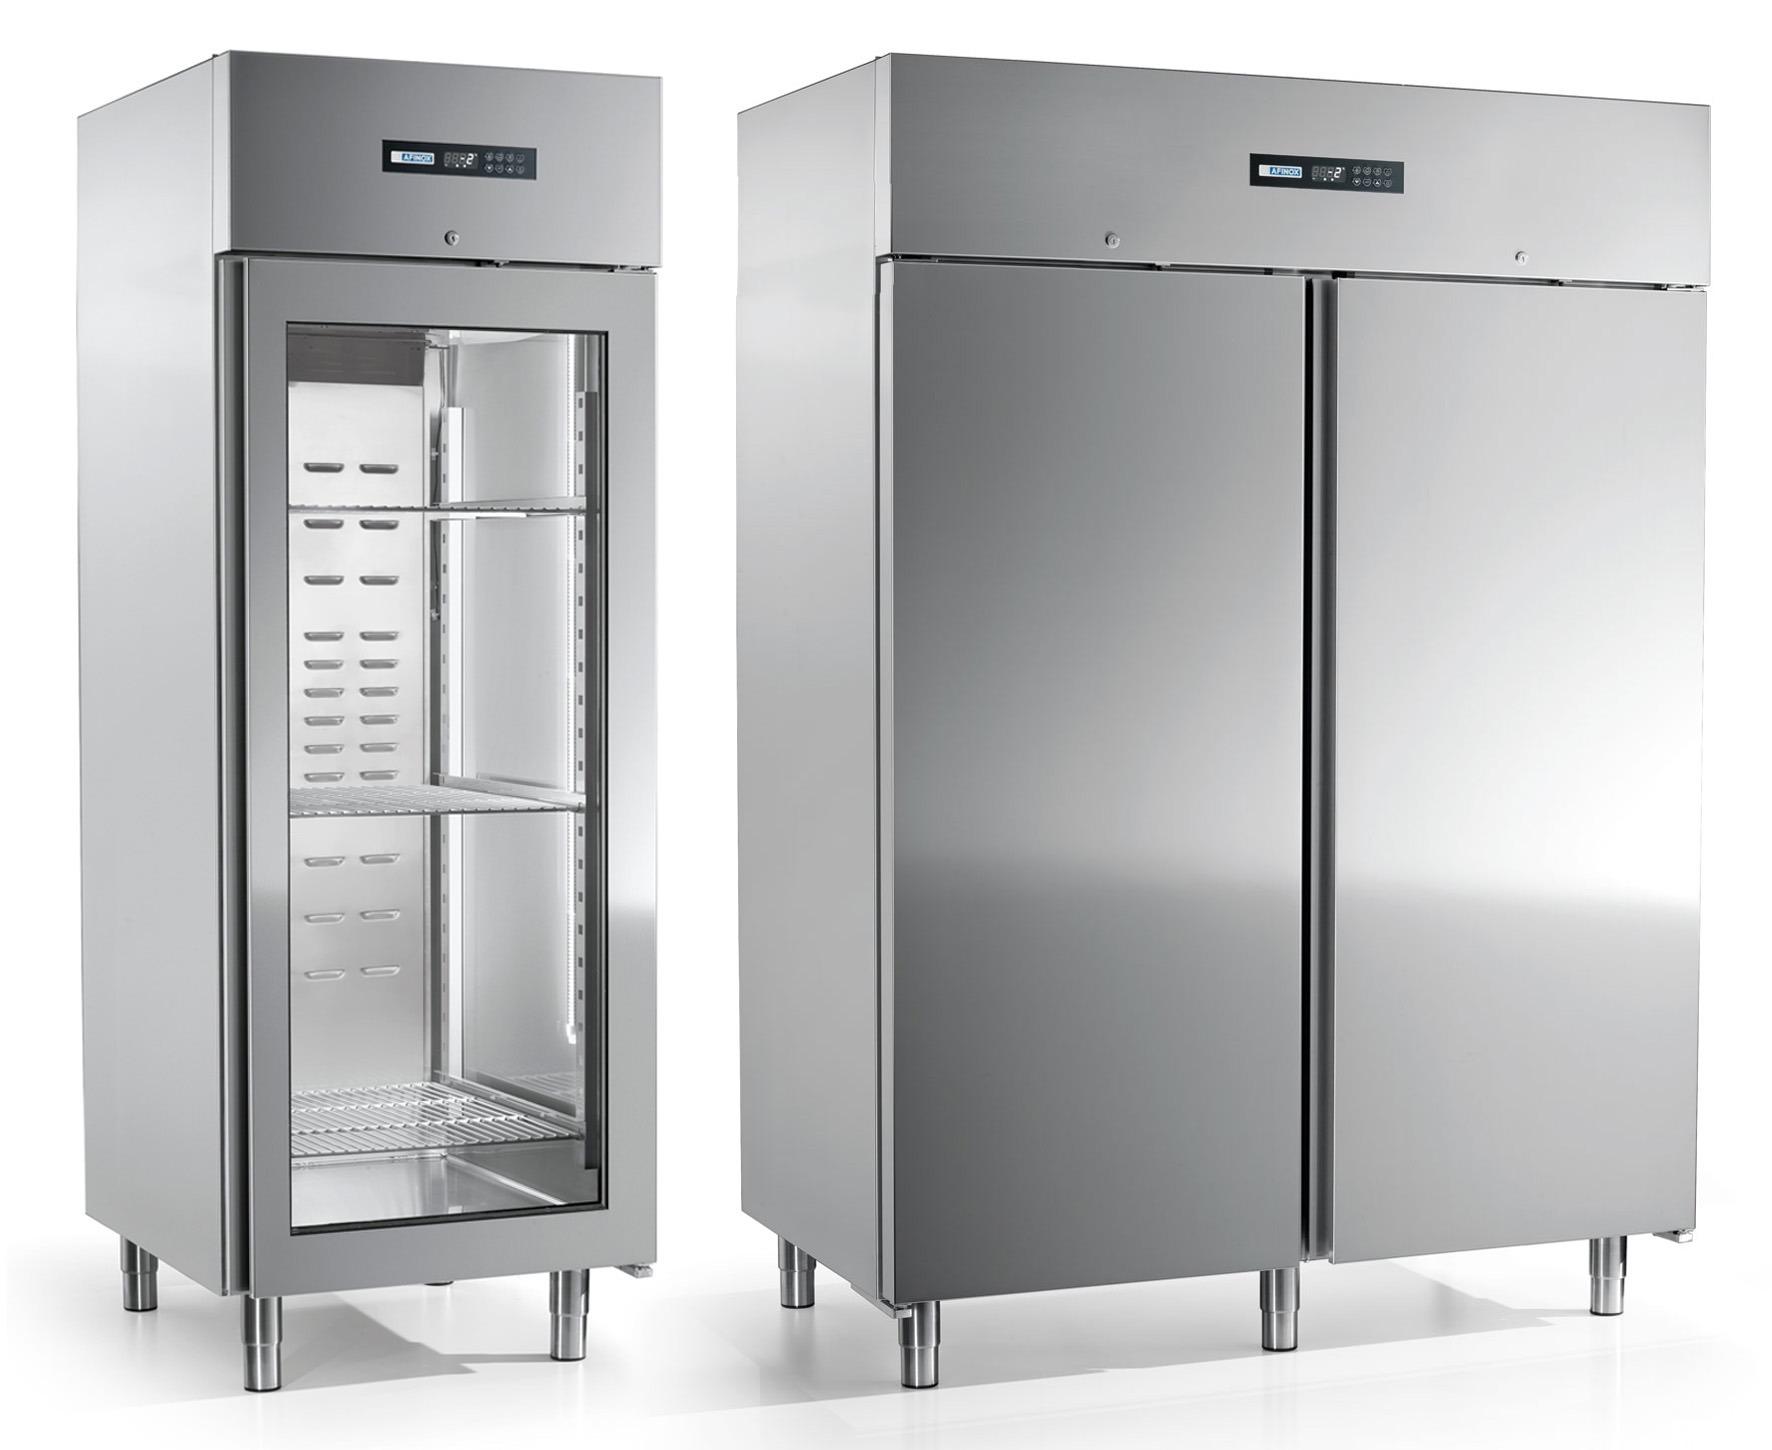 armadi refrigerati, refrigerated cabinets, armarios refigerados, Kühlschränke, Armoires réfrigérées